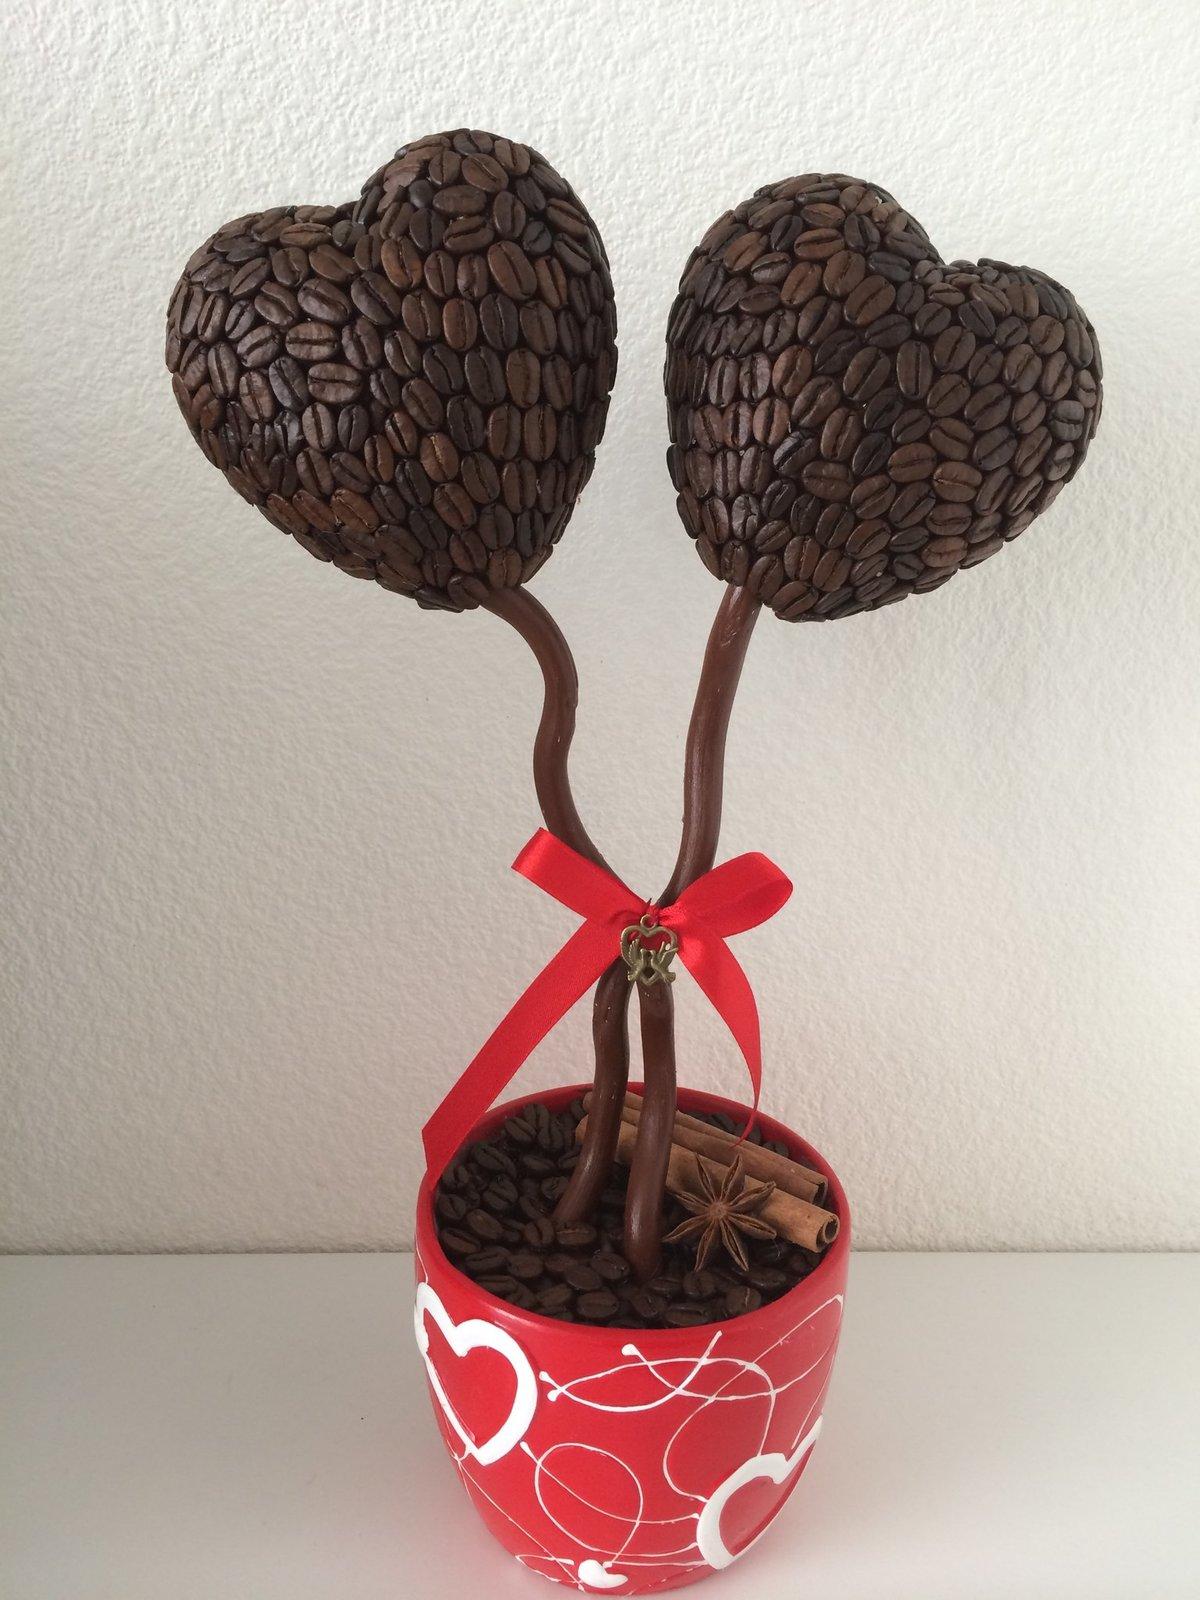 Как сделать сувениры своими руками из кофе